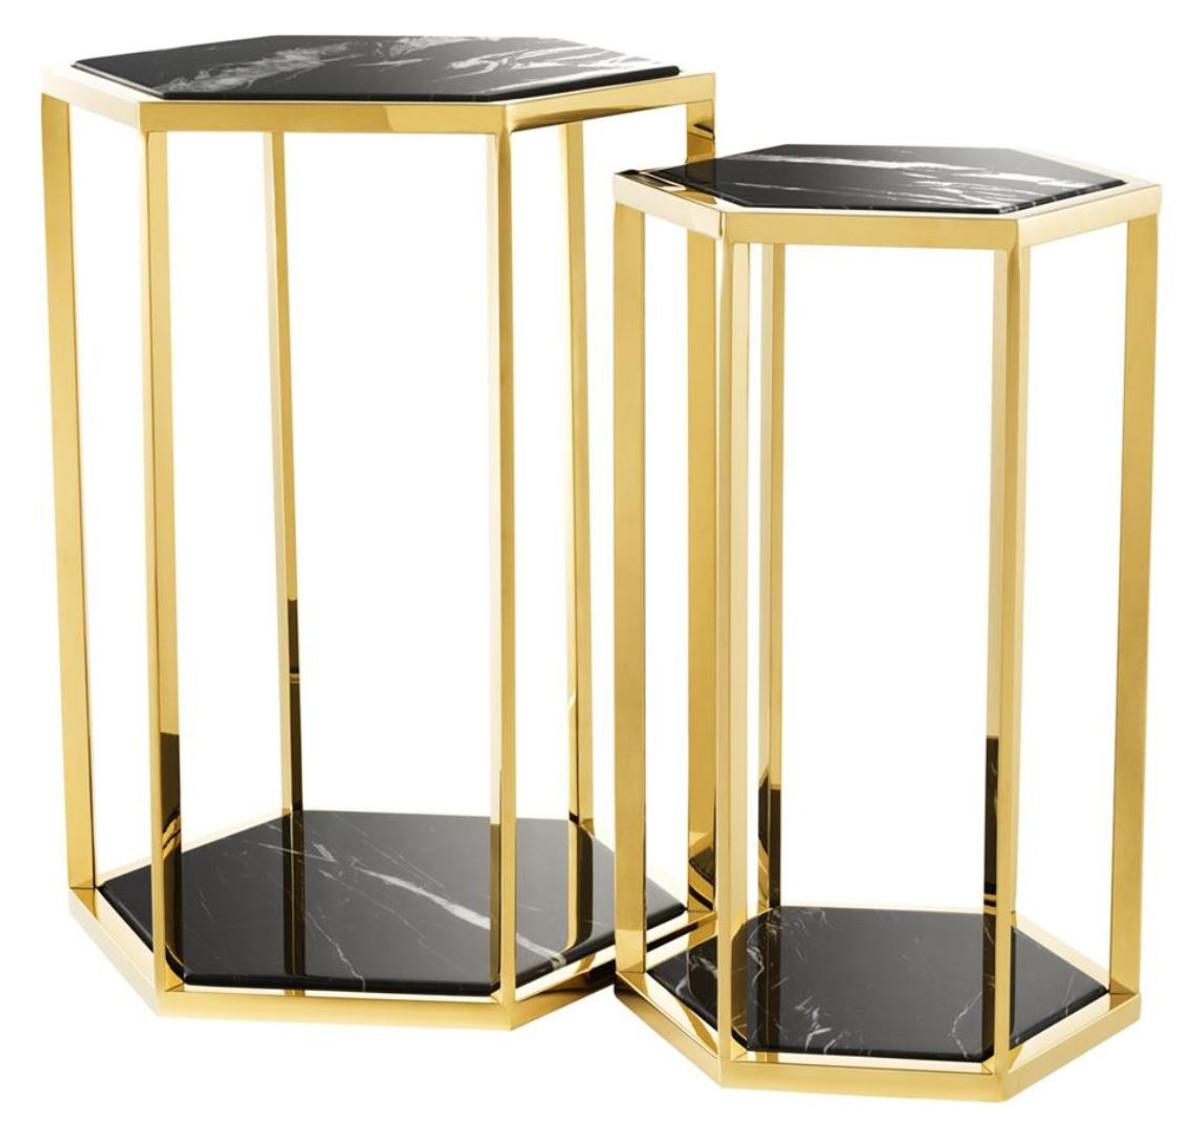 Casa Padrino Luxus Beistelltisch 2er Set In Gold Mit Schwarzem